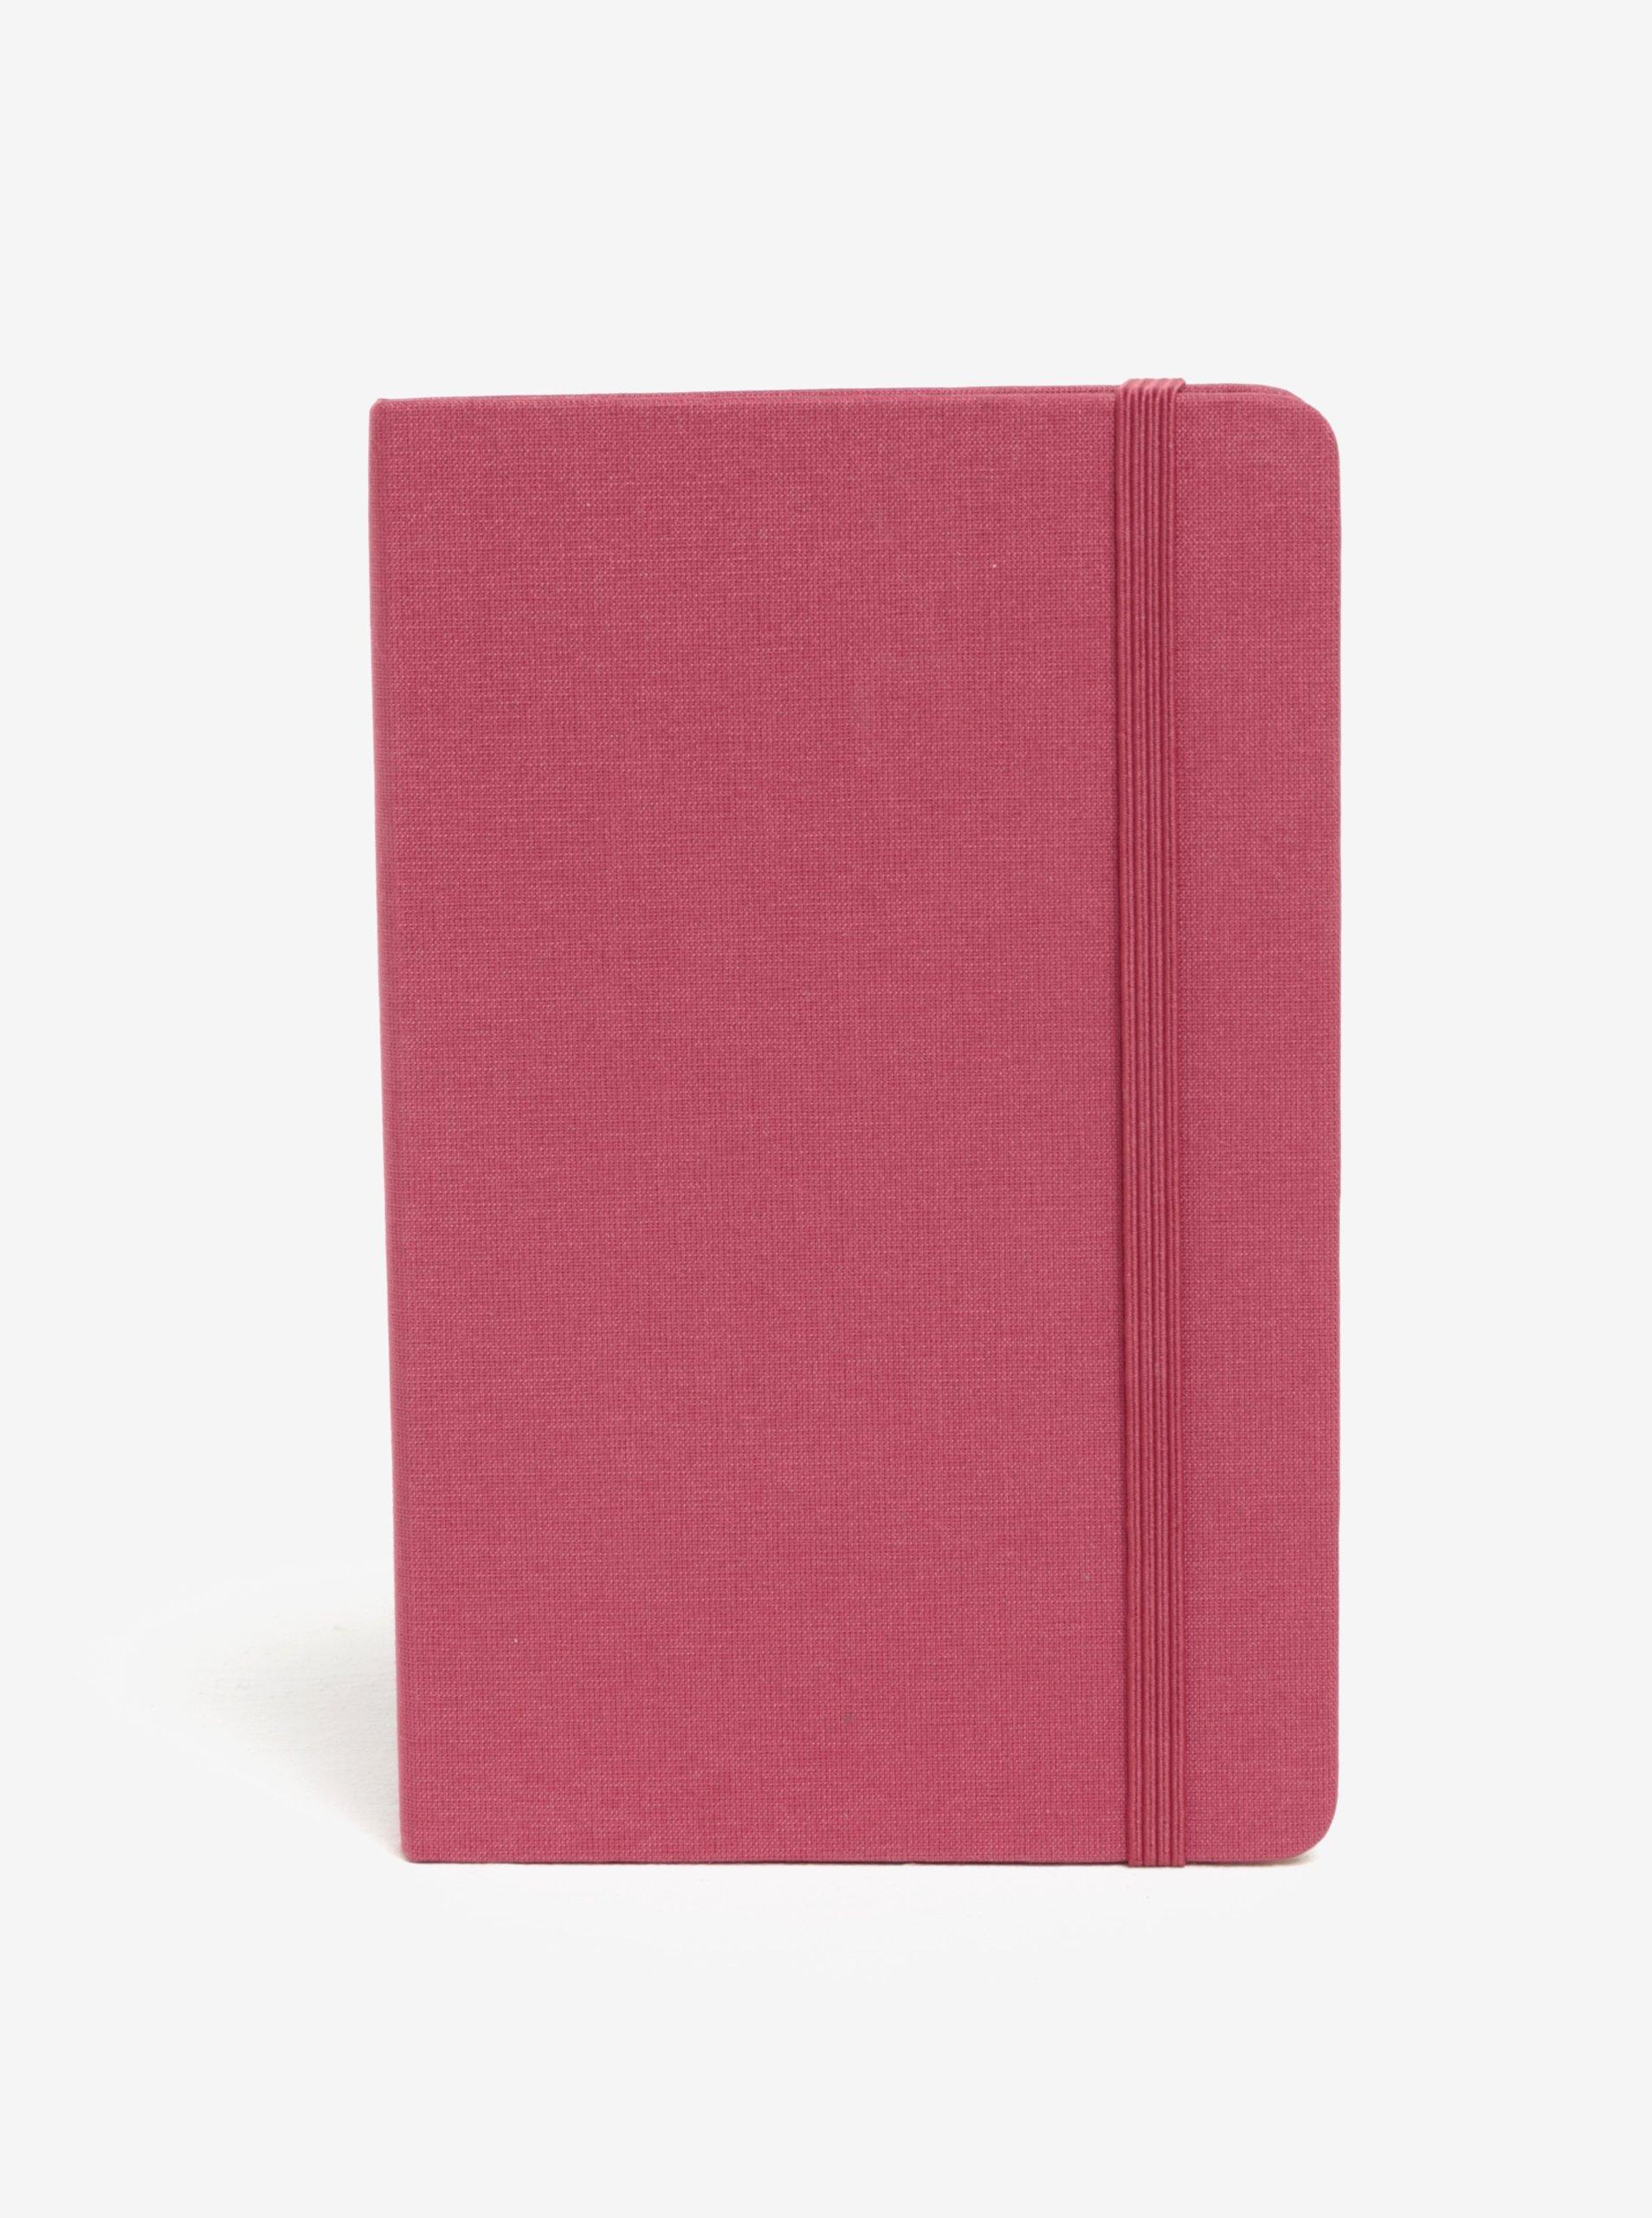 Růžový linkovaný/nelinkovaný zápisník v pevné vazbě Moleskine